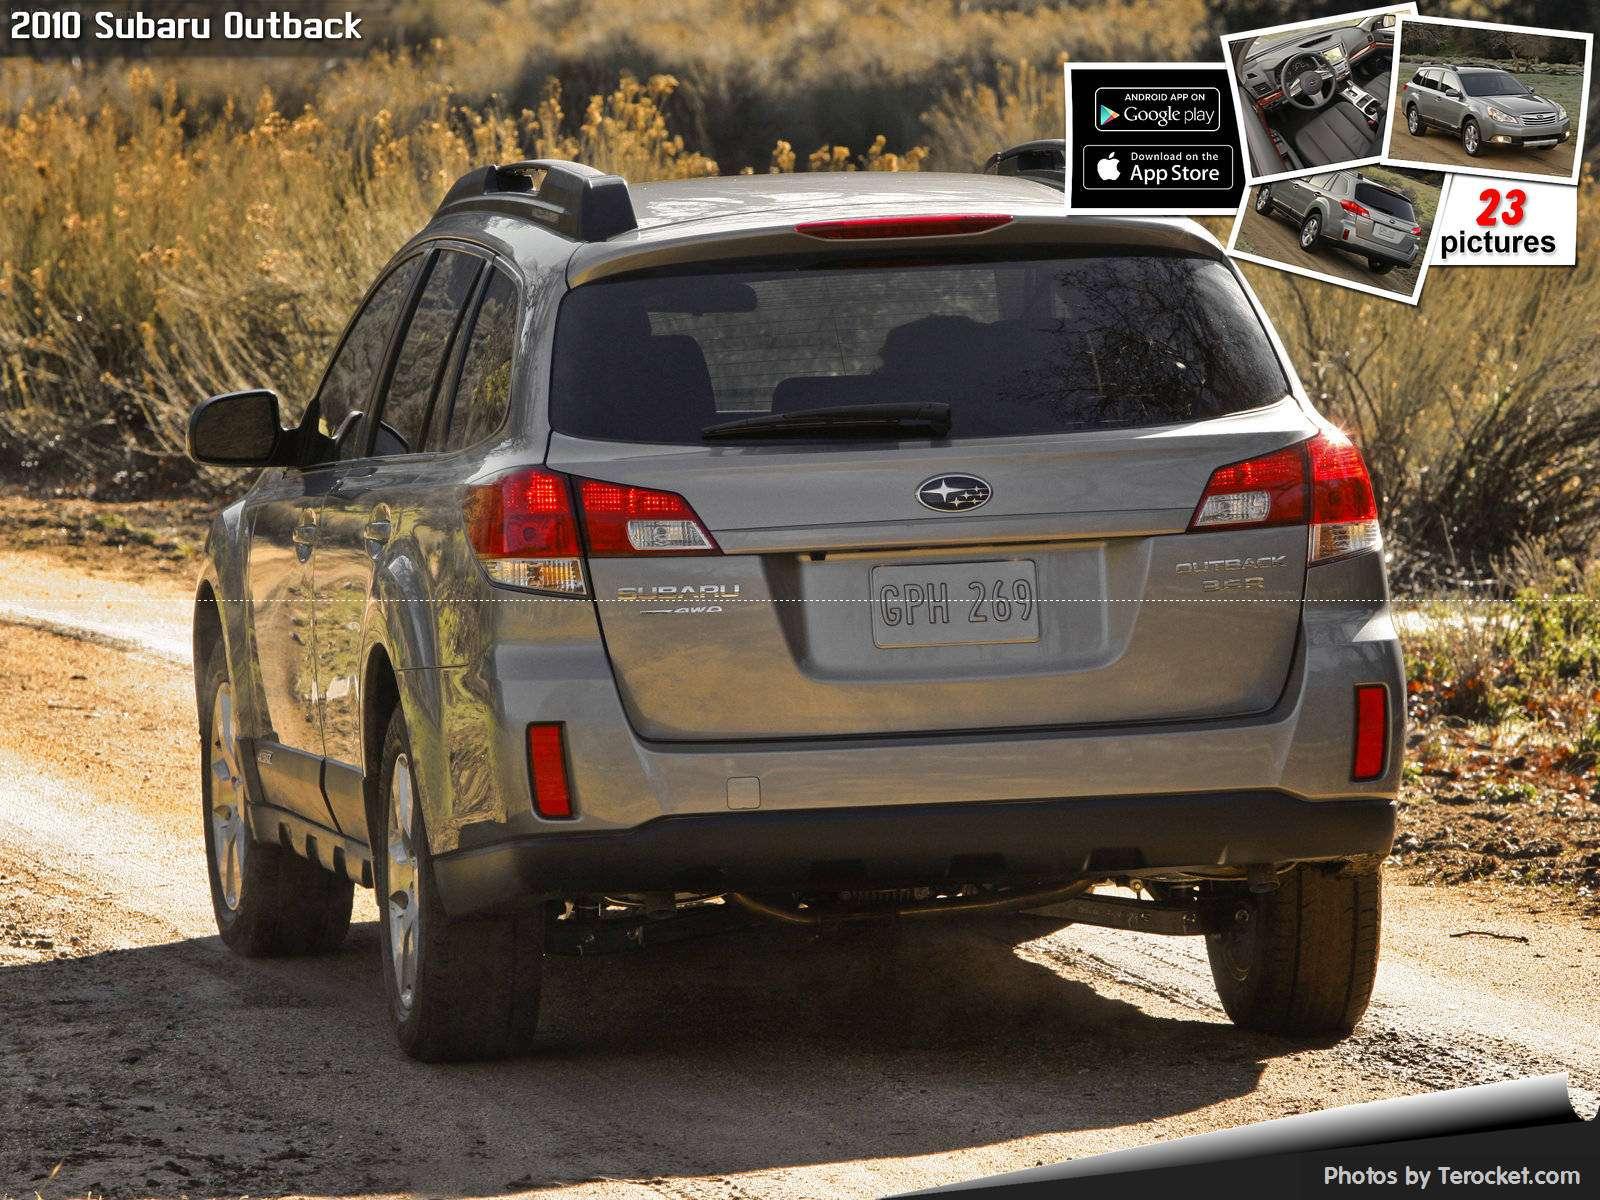 Hình ảnh xe ô tô Subaru Outback 2010 & nội ngoại thất